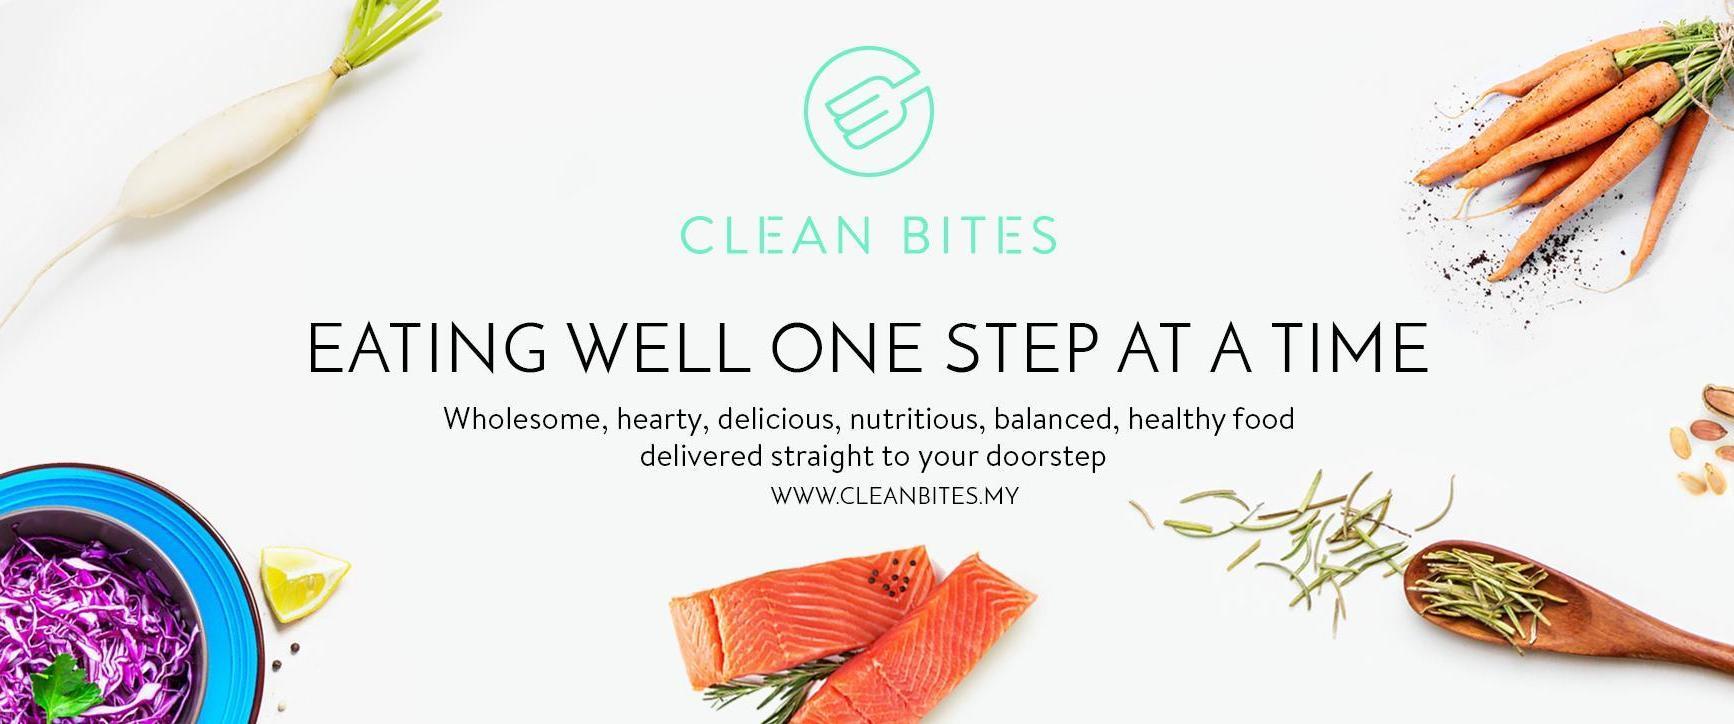 Cleanbites